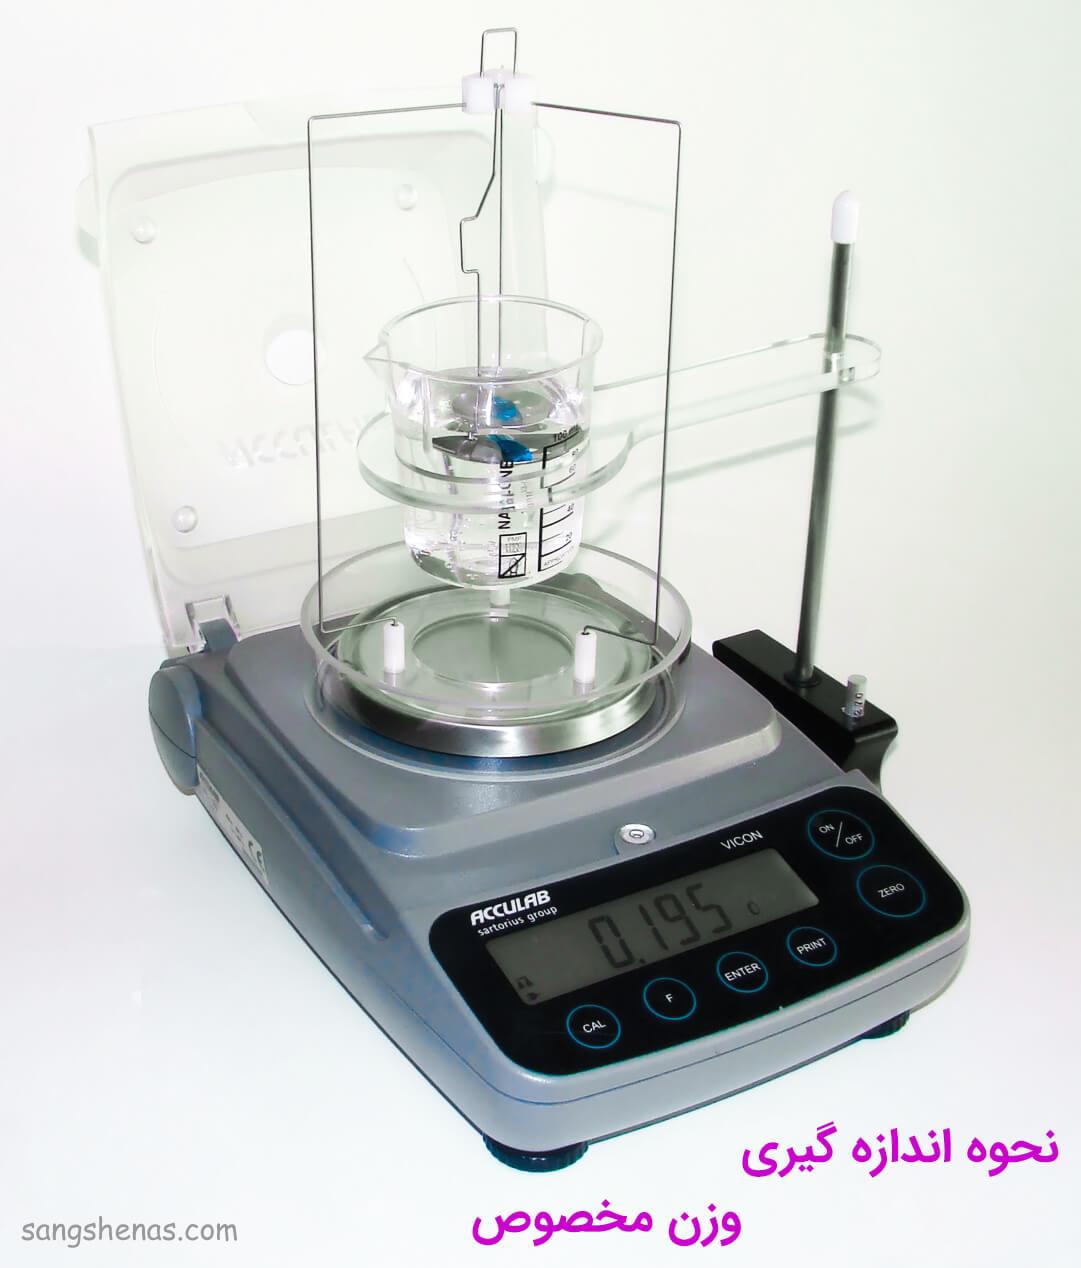 ترازوی هیدرواستاتیک برای تعیین وزن مخصوص کانی